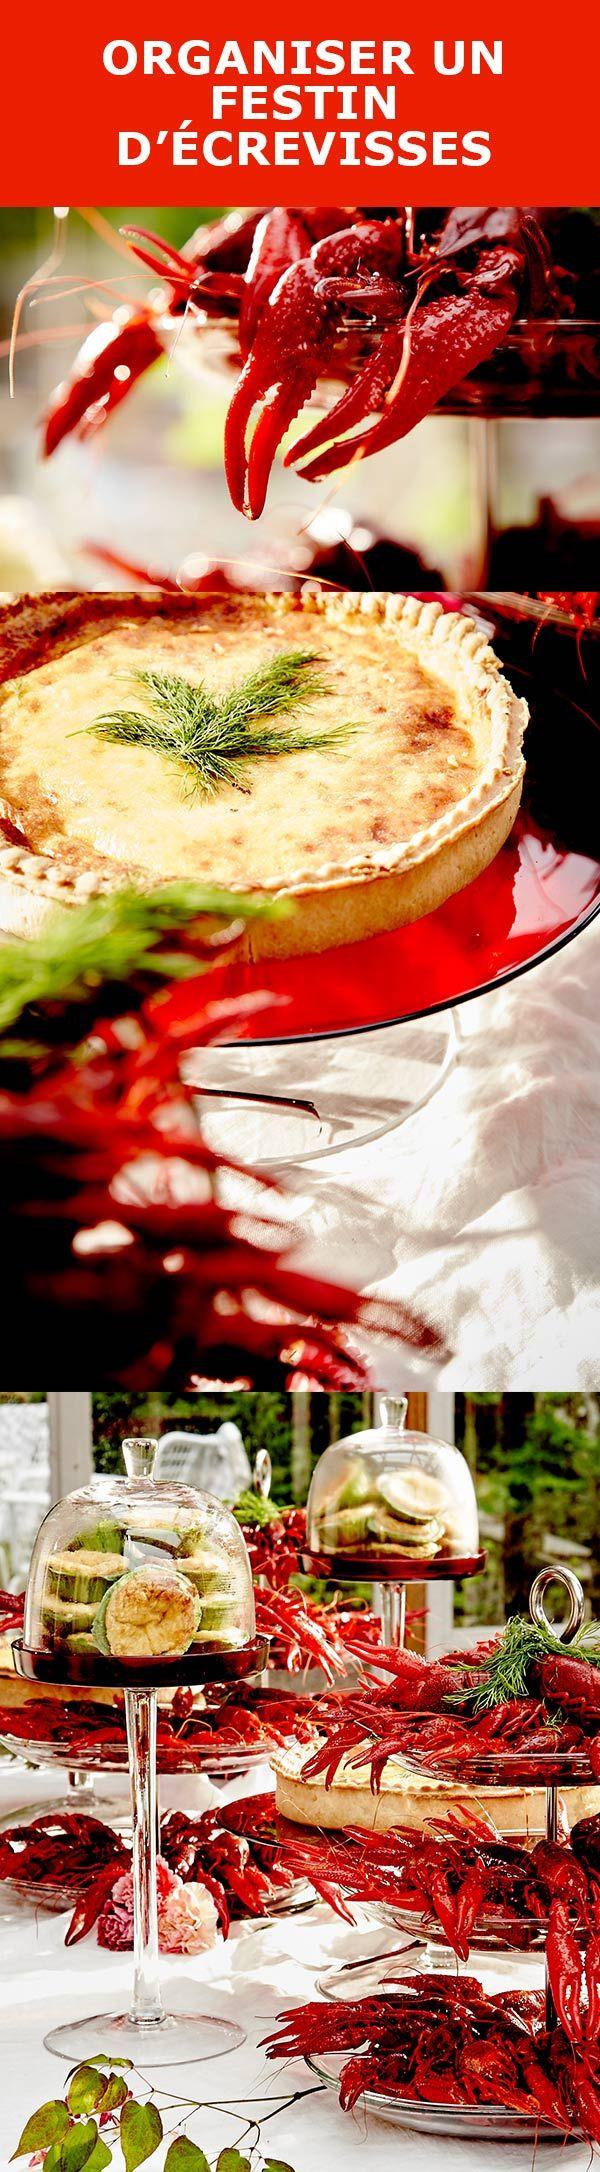 La table lorraine d amelie veau aux cepes et girolles en - Ajoutez Une Petite Touche Su Doise Votre T En Invitant Famille Et Amis C L Brer La